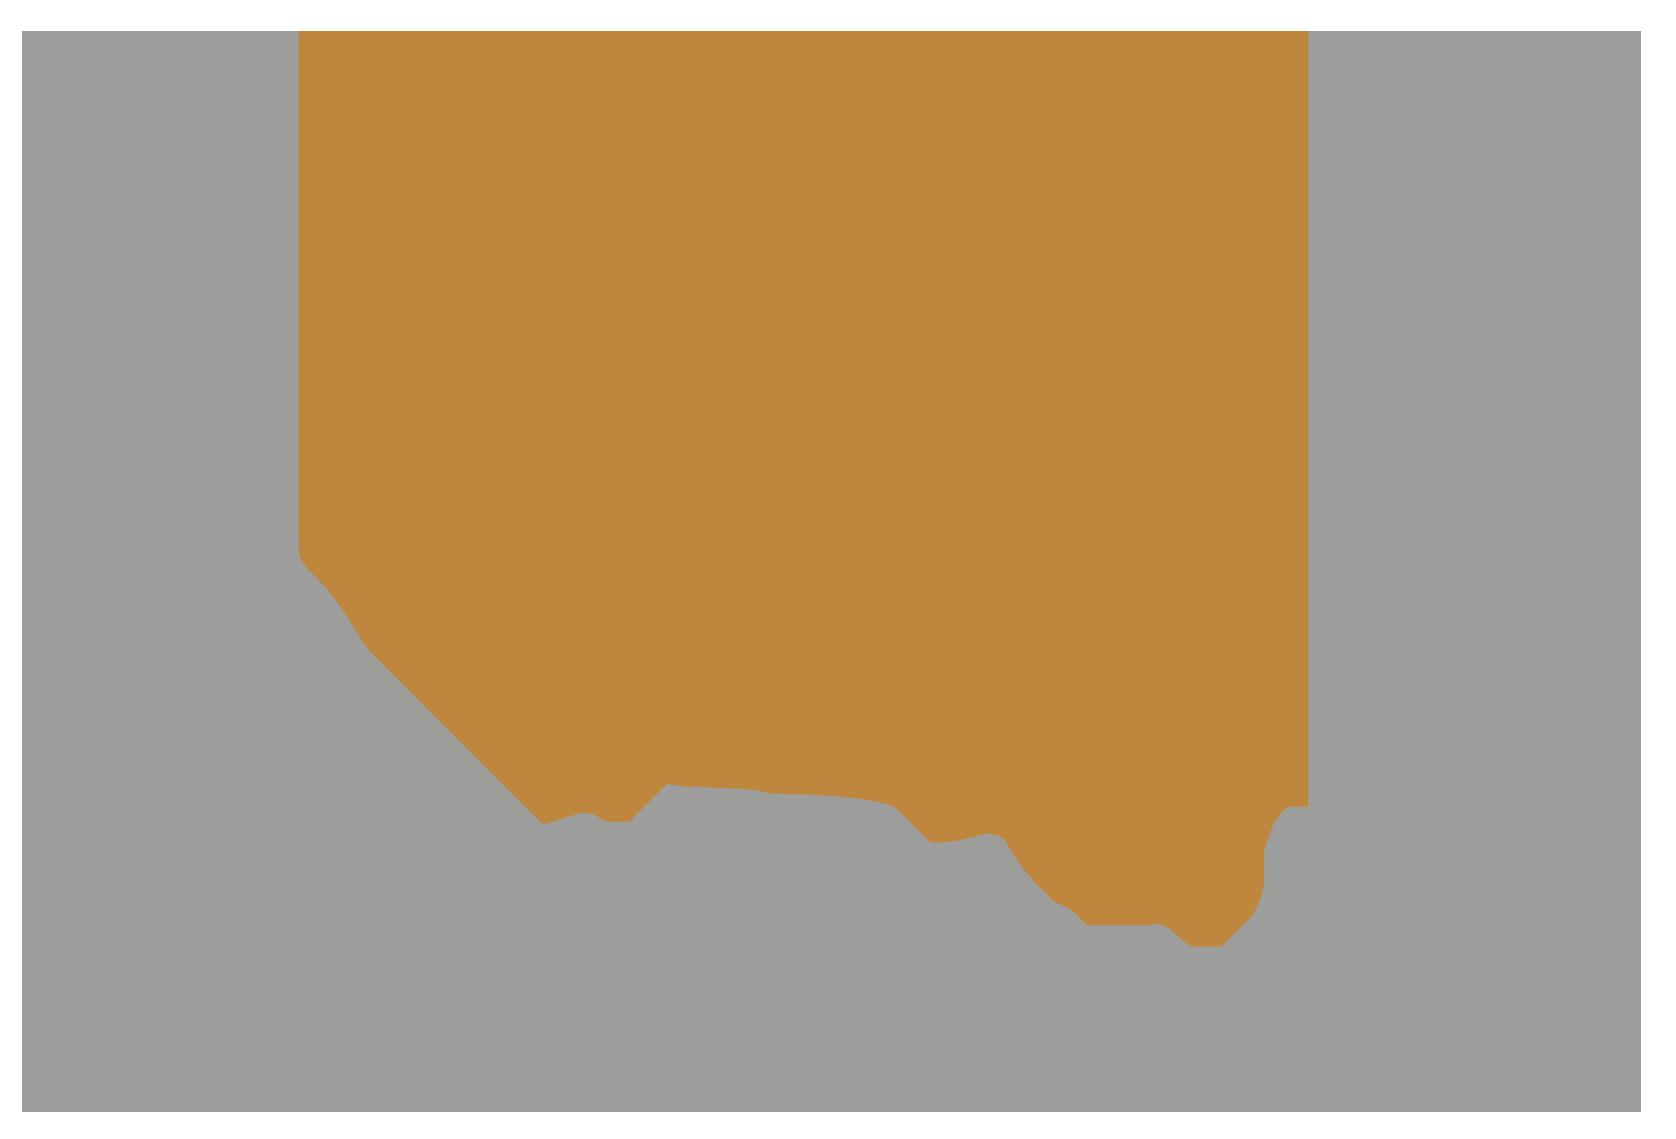 Logo of Dalziel Park Hotel & Golf Club - Lisini Group